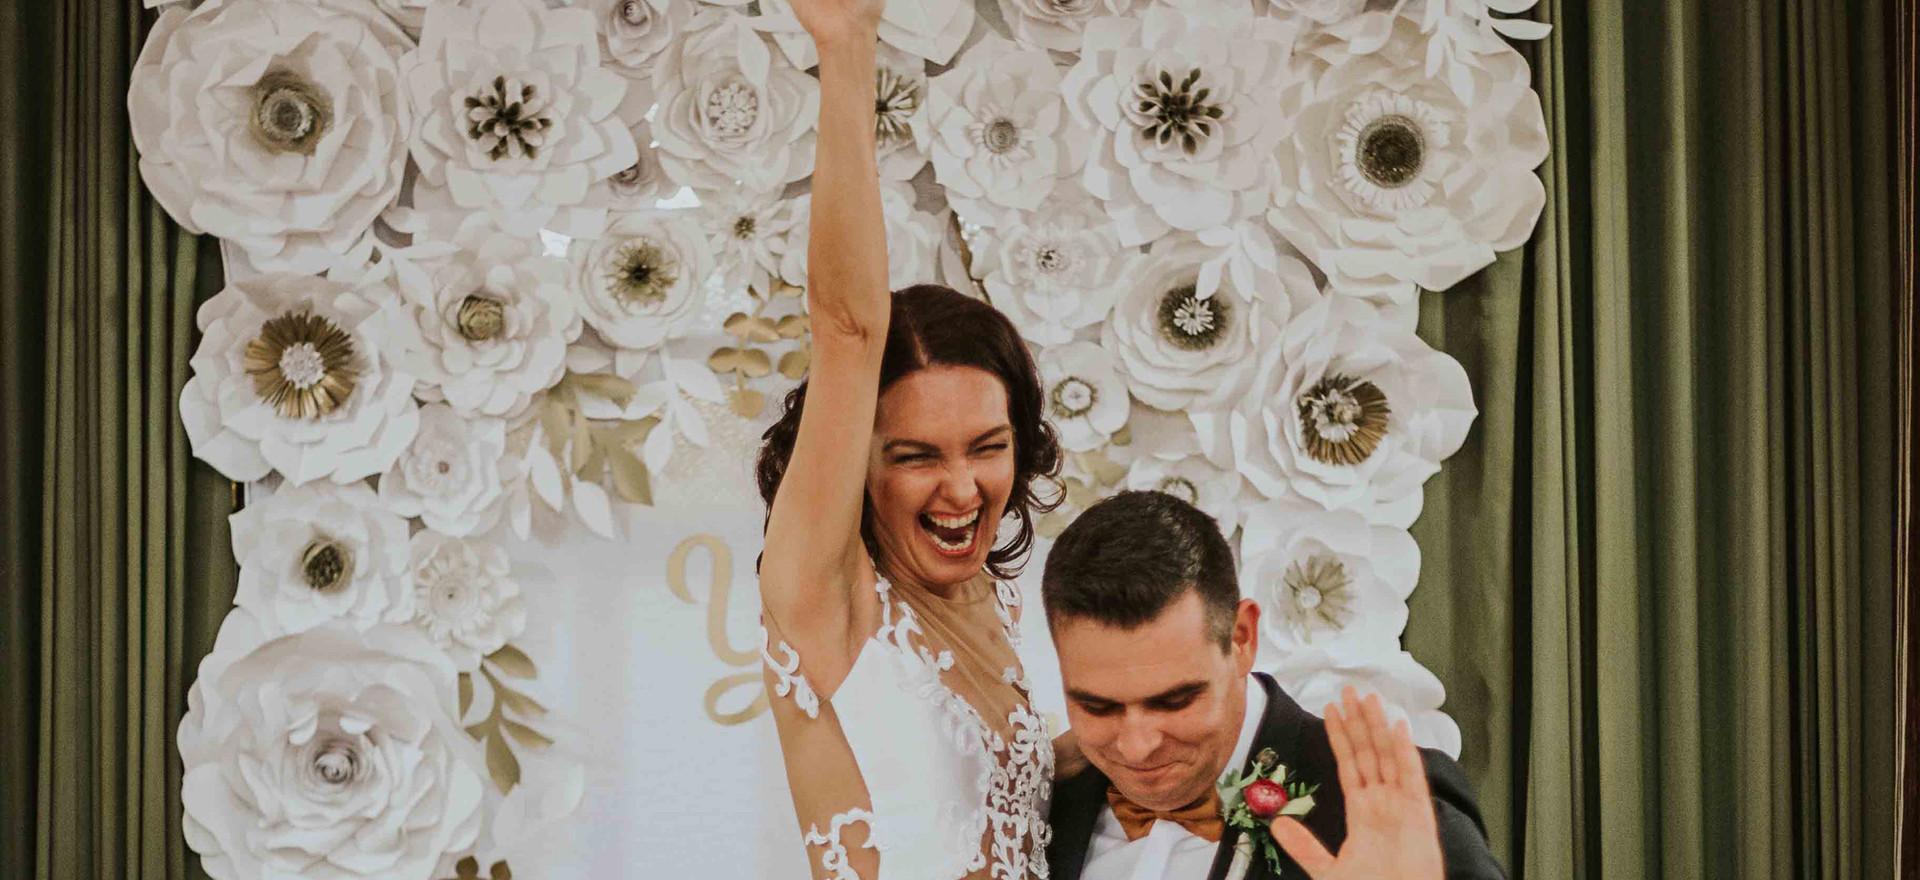 Éljen a menyasszony